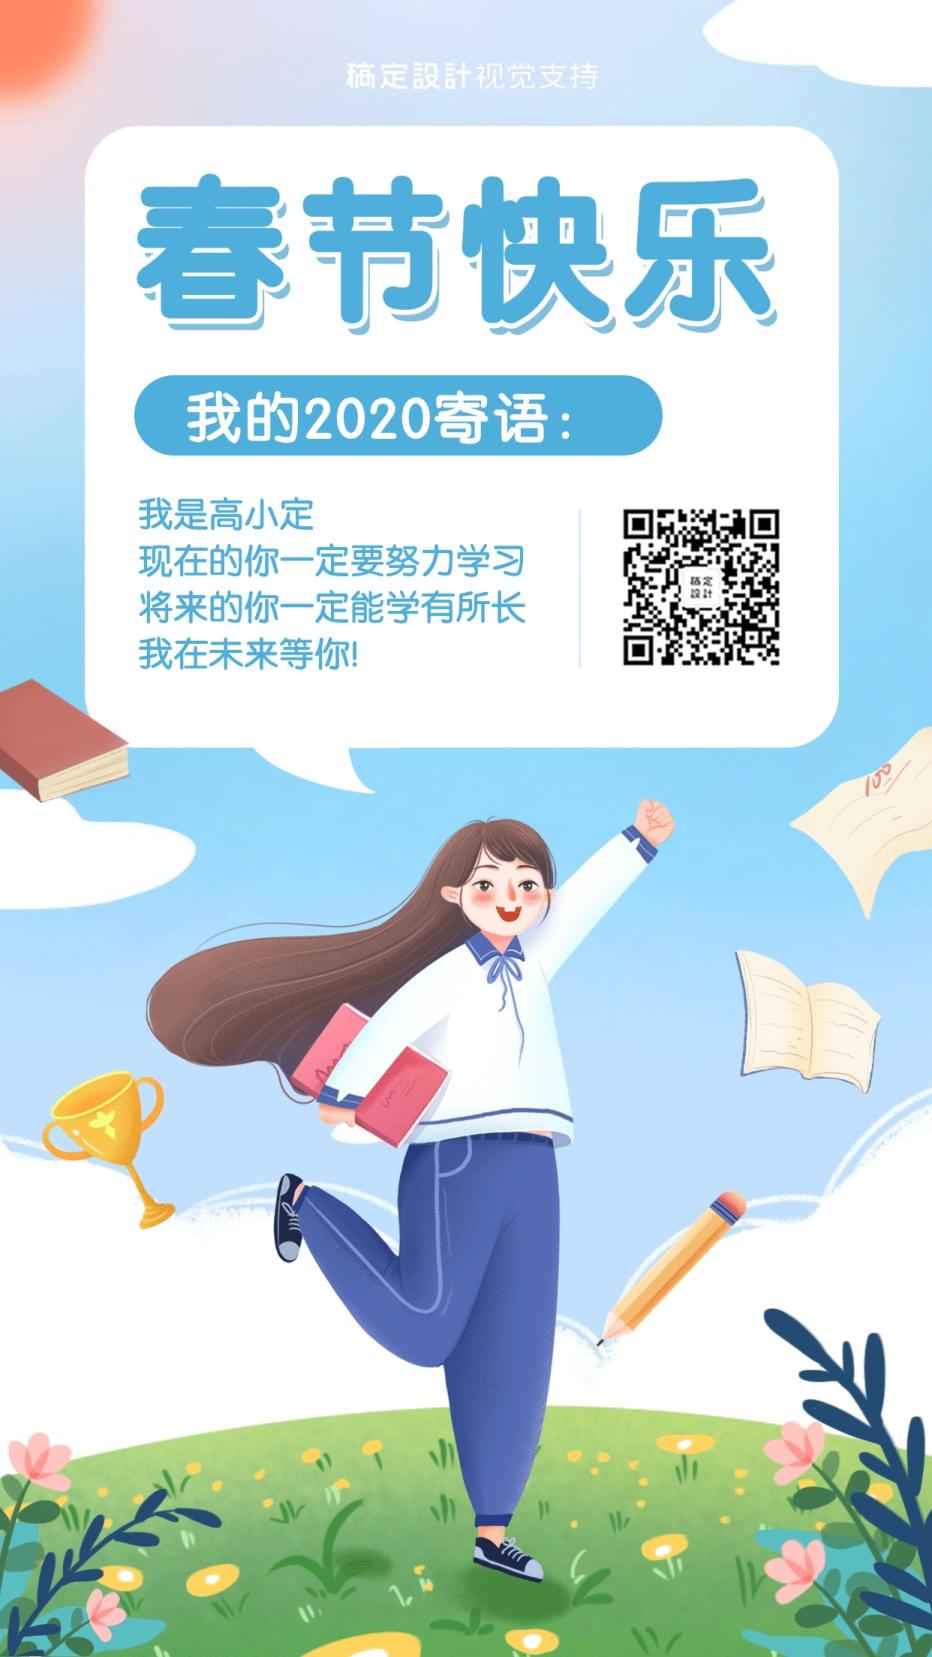 新春/春节/奋斗励志语录/手机海报